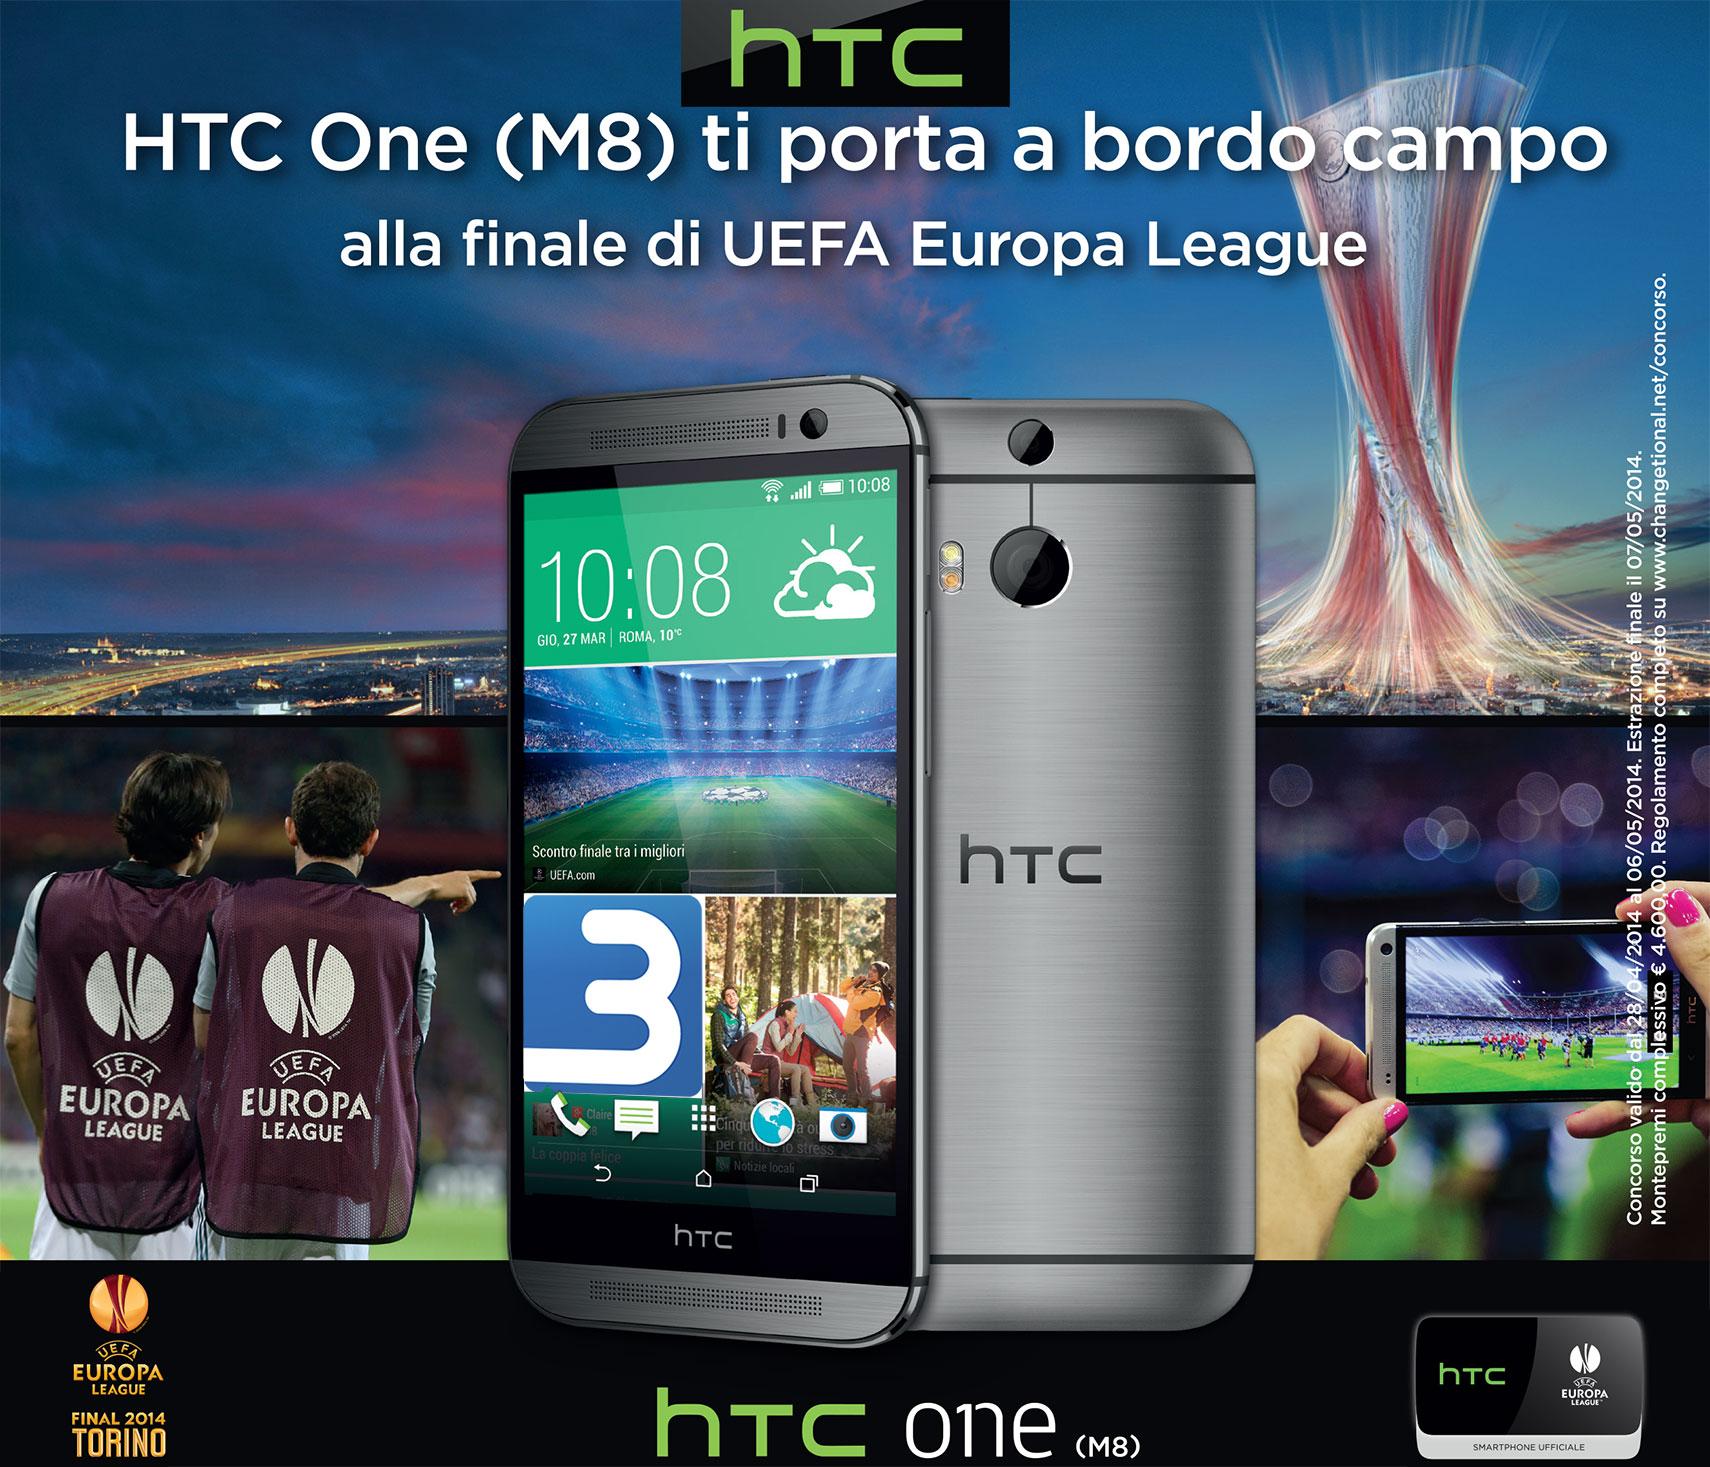 HTC One (M8) ti porta a bordo campo: vinci la finale di UEFA Europa League 2014 a Torino